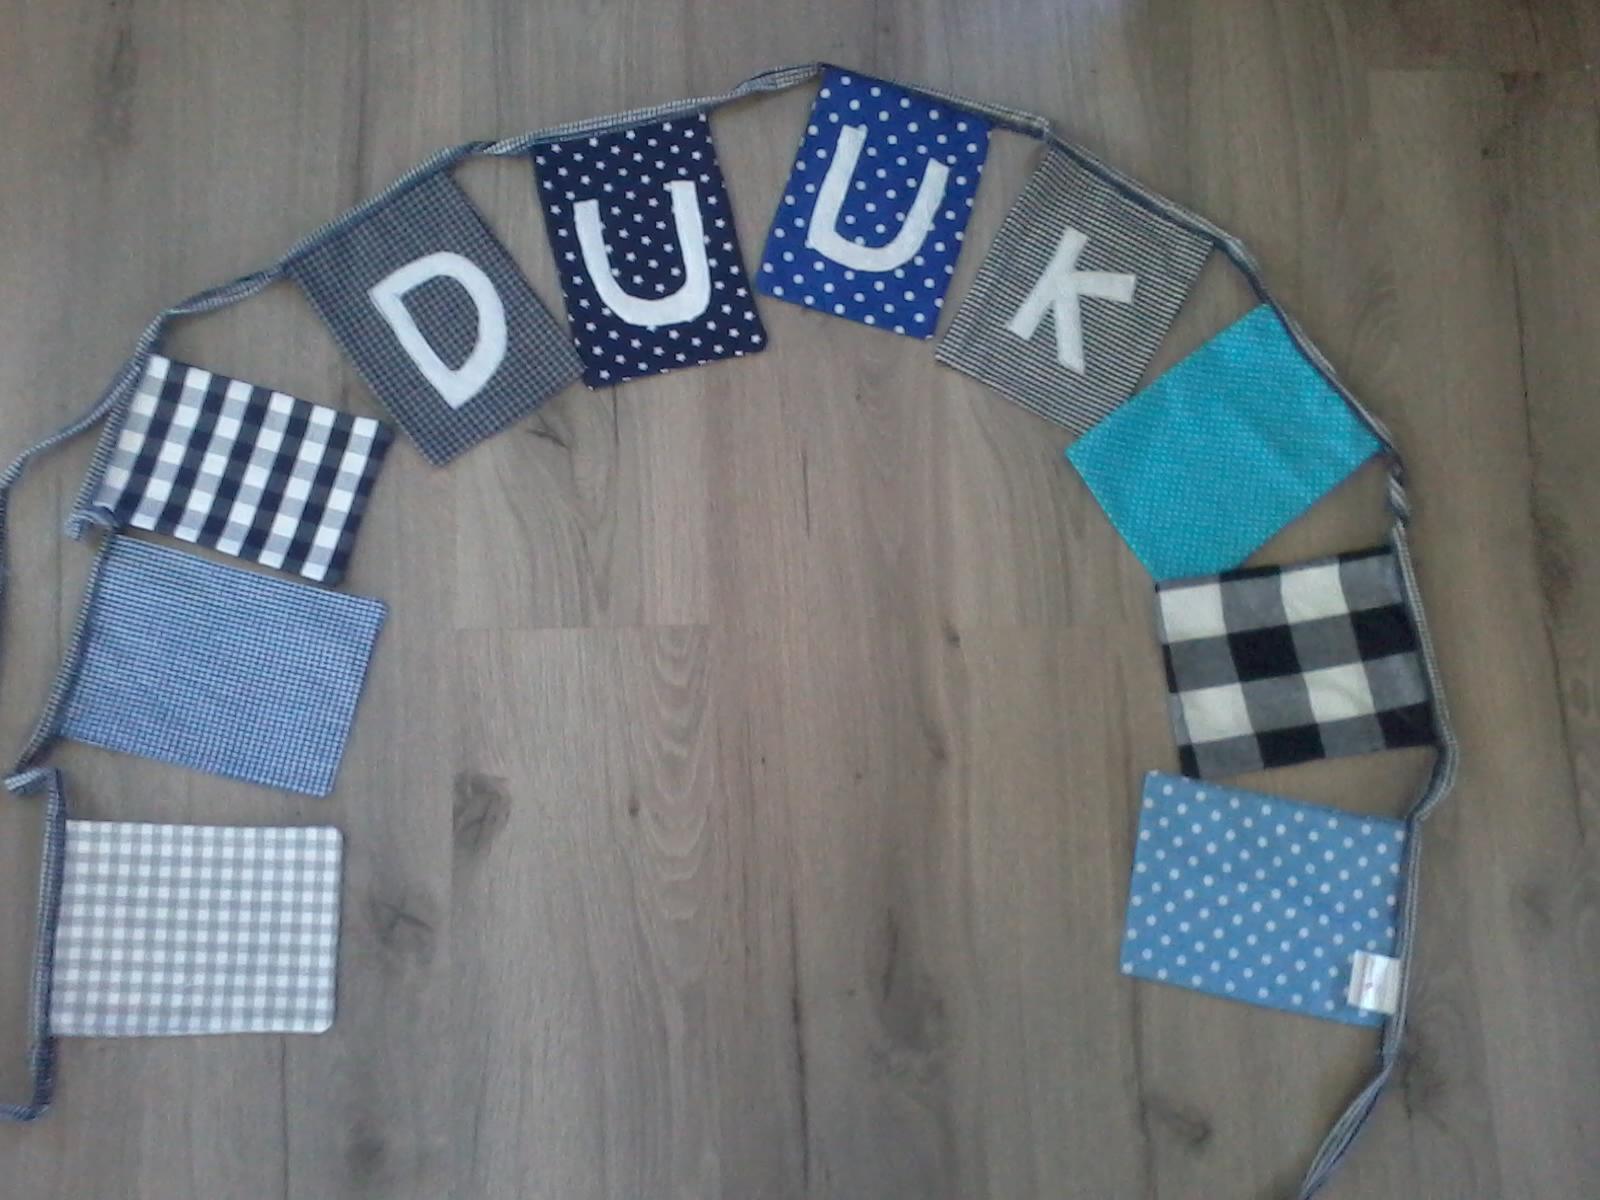 Slaapkamer Delen Met Baby : ... om met hun verjaardag op te hangen ...